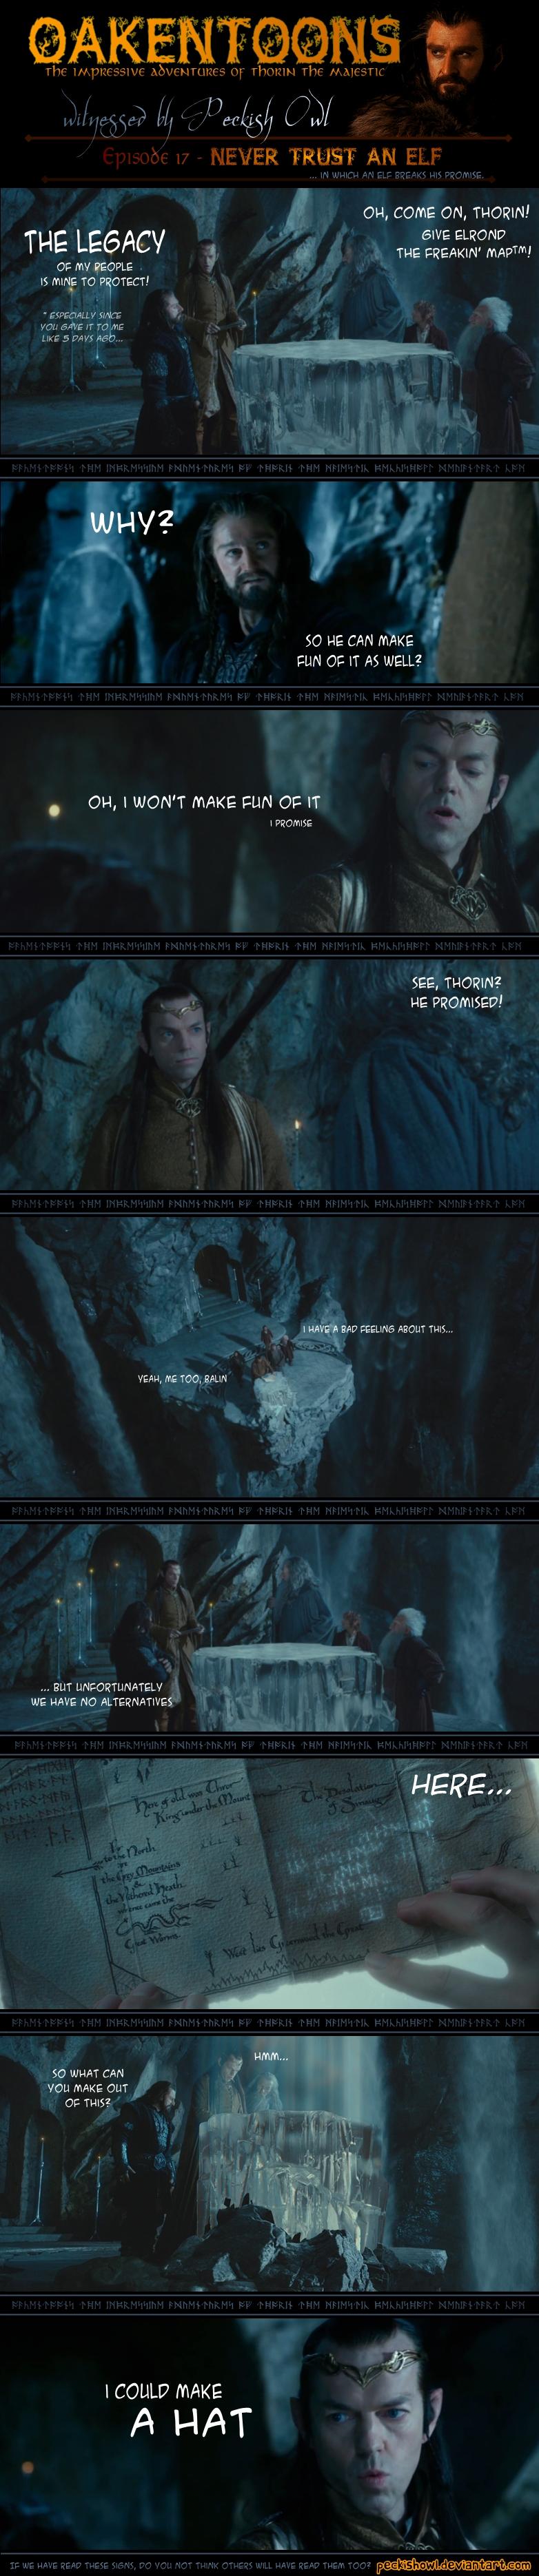 Oakentoon #17: Never trust an elf